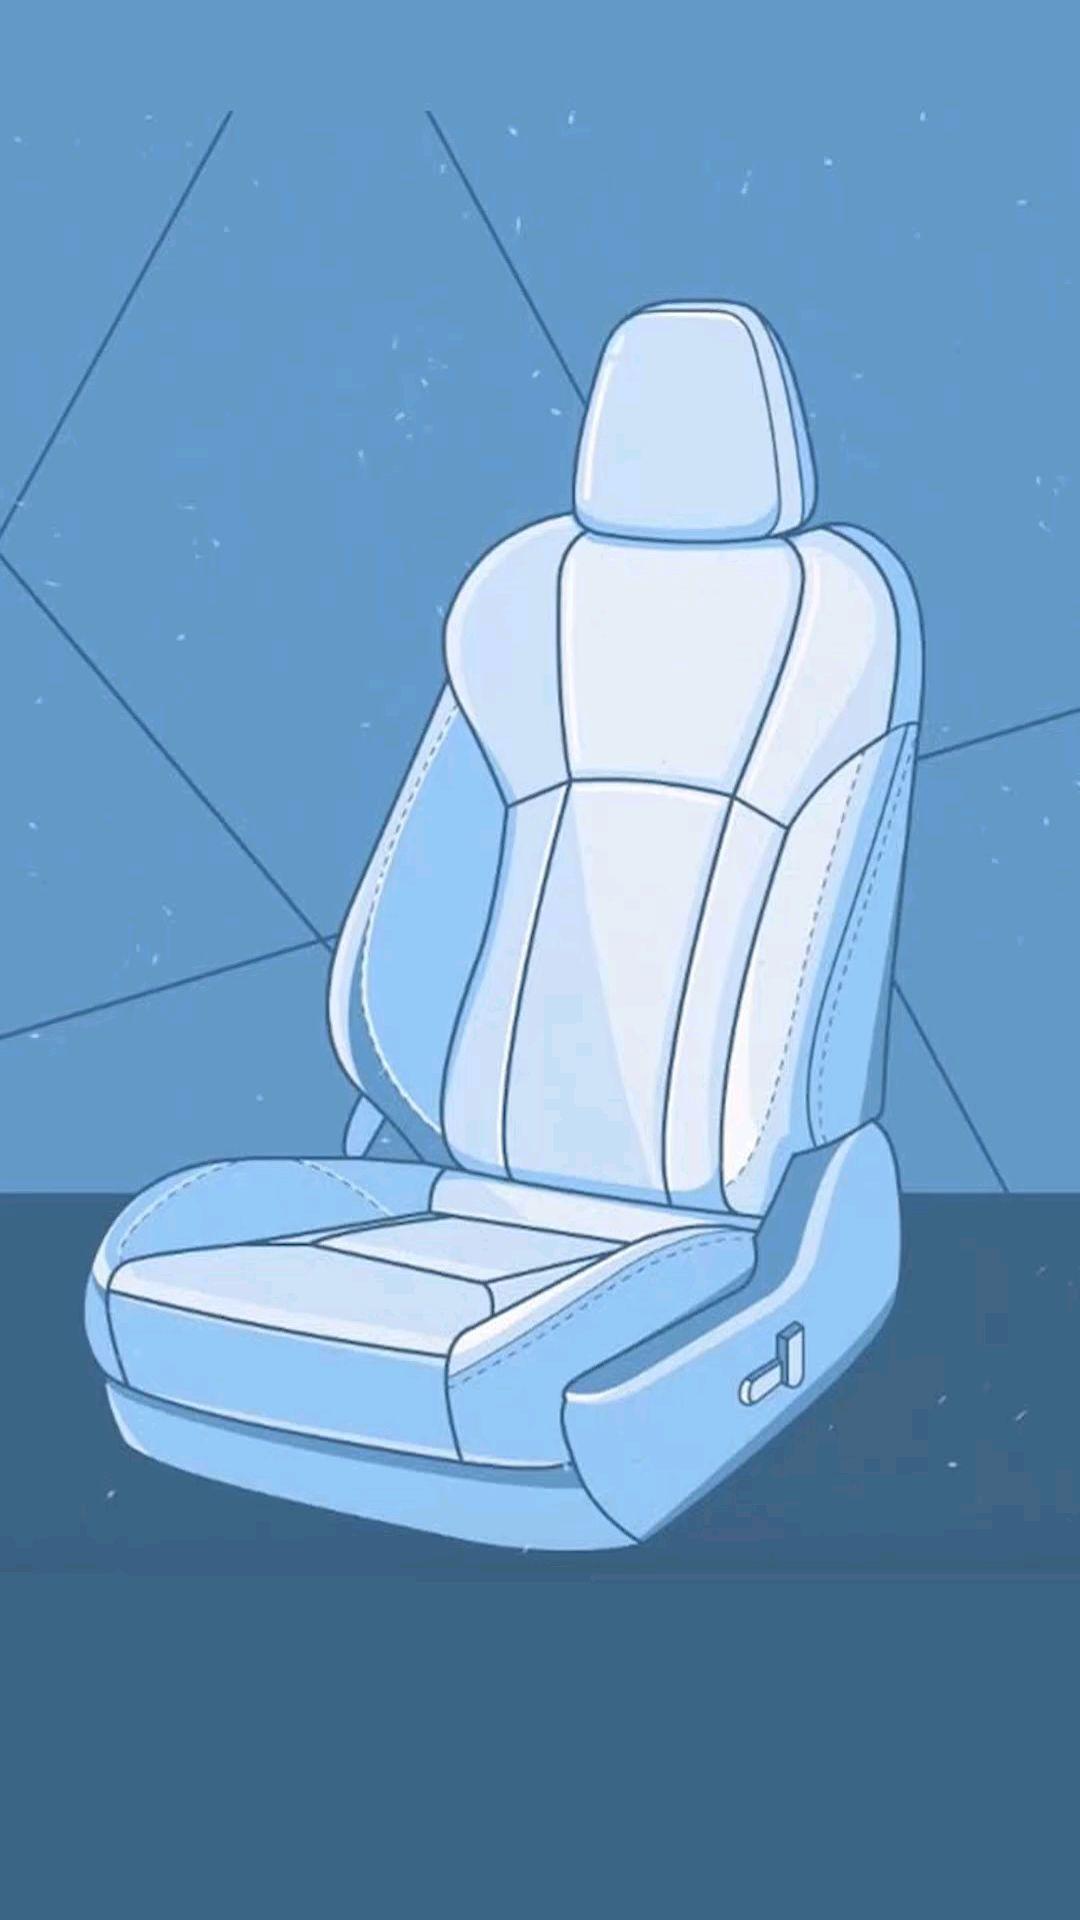 买车你一定要选真皮座椅吗?